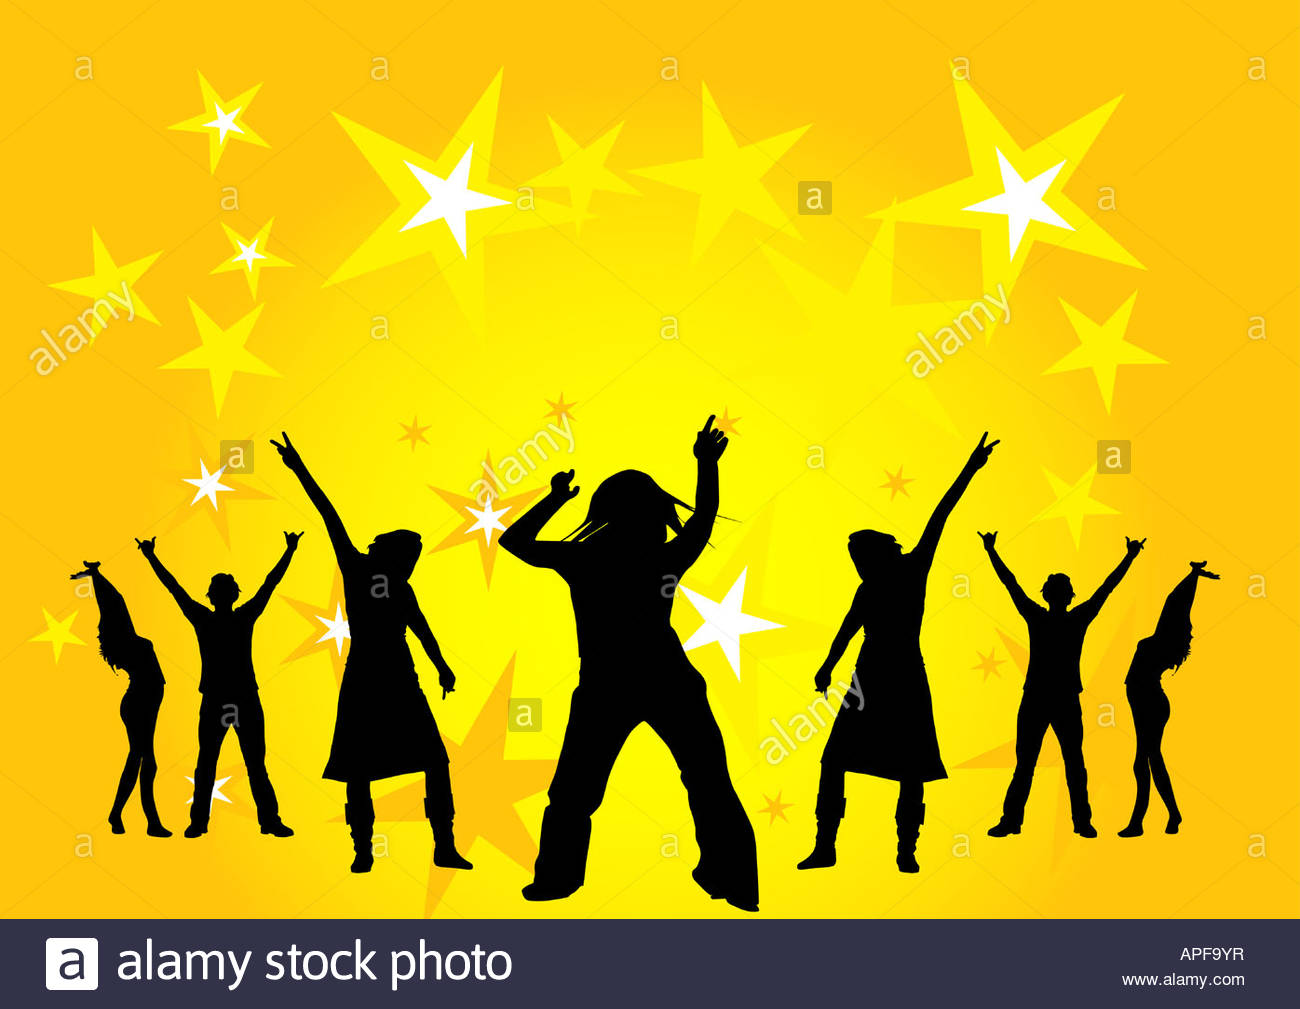 1300x1009 Happy People Dancing